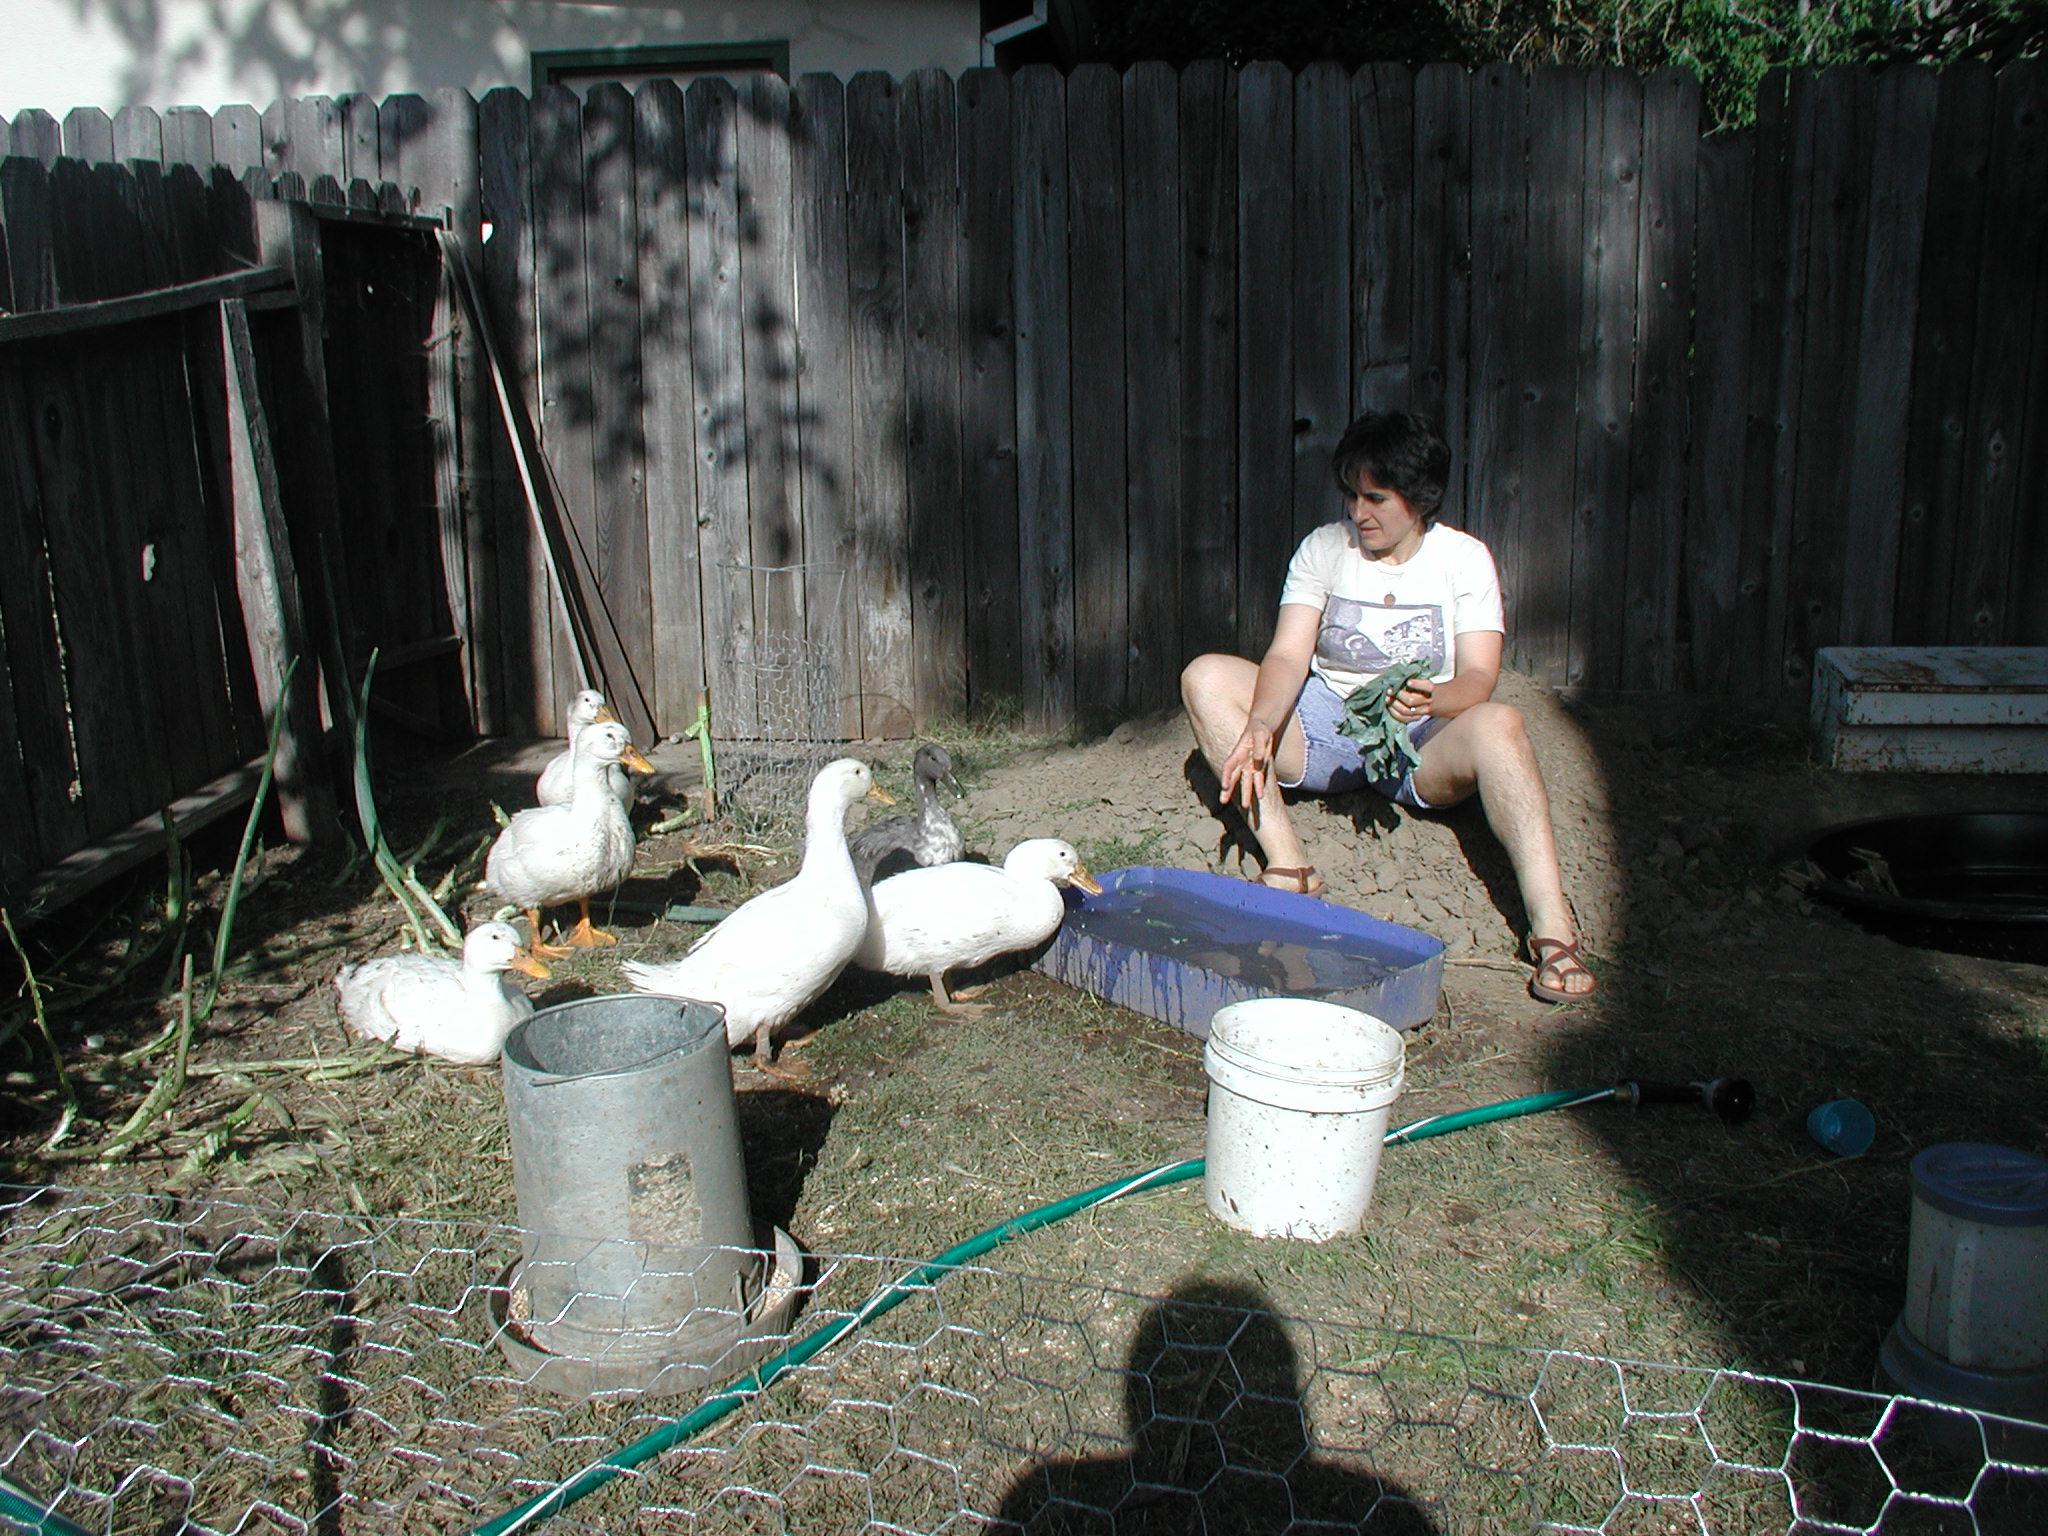 Feeding the ducks, June 2007